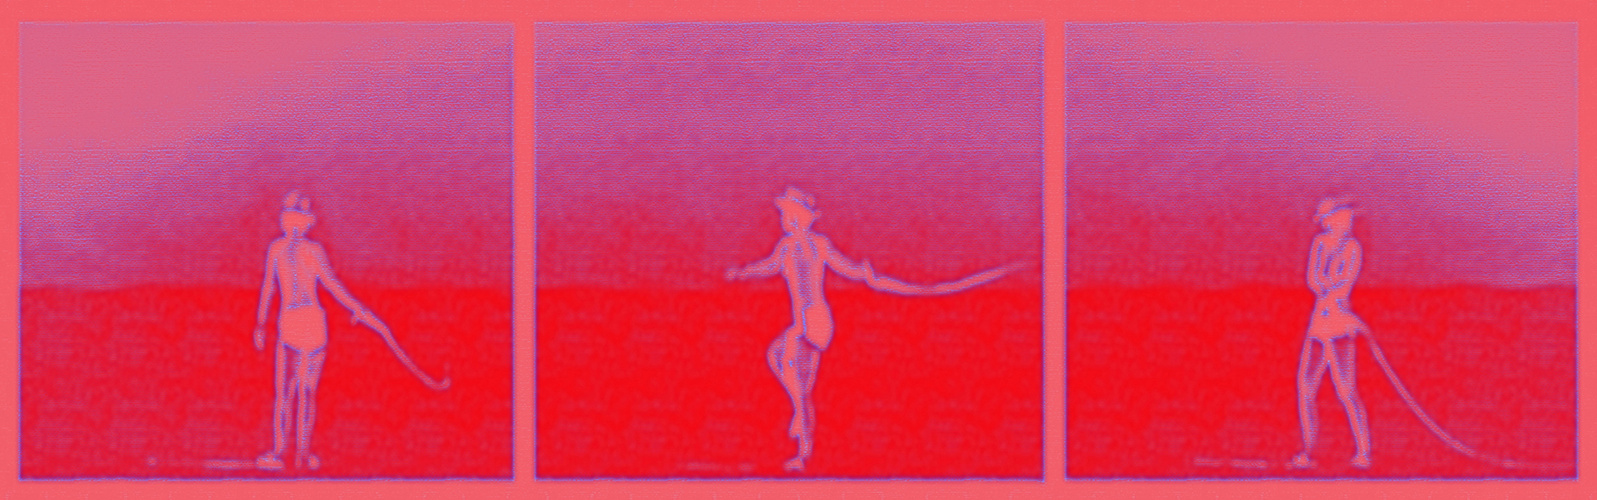 Girl swinging whip